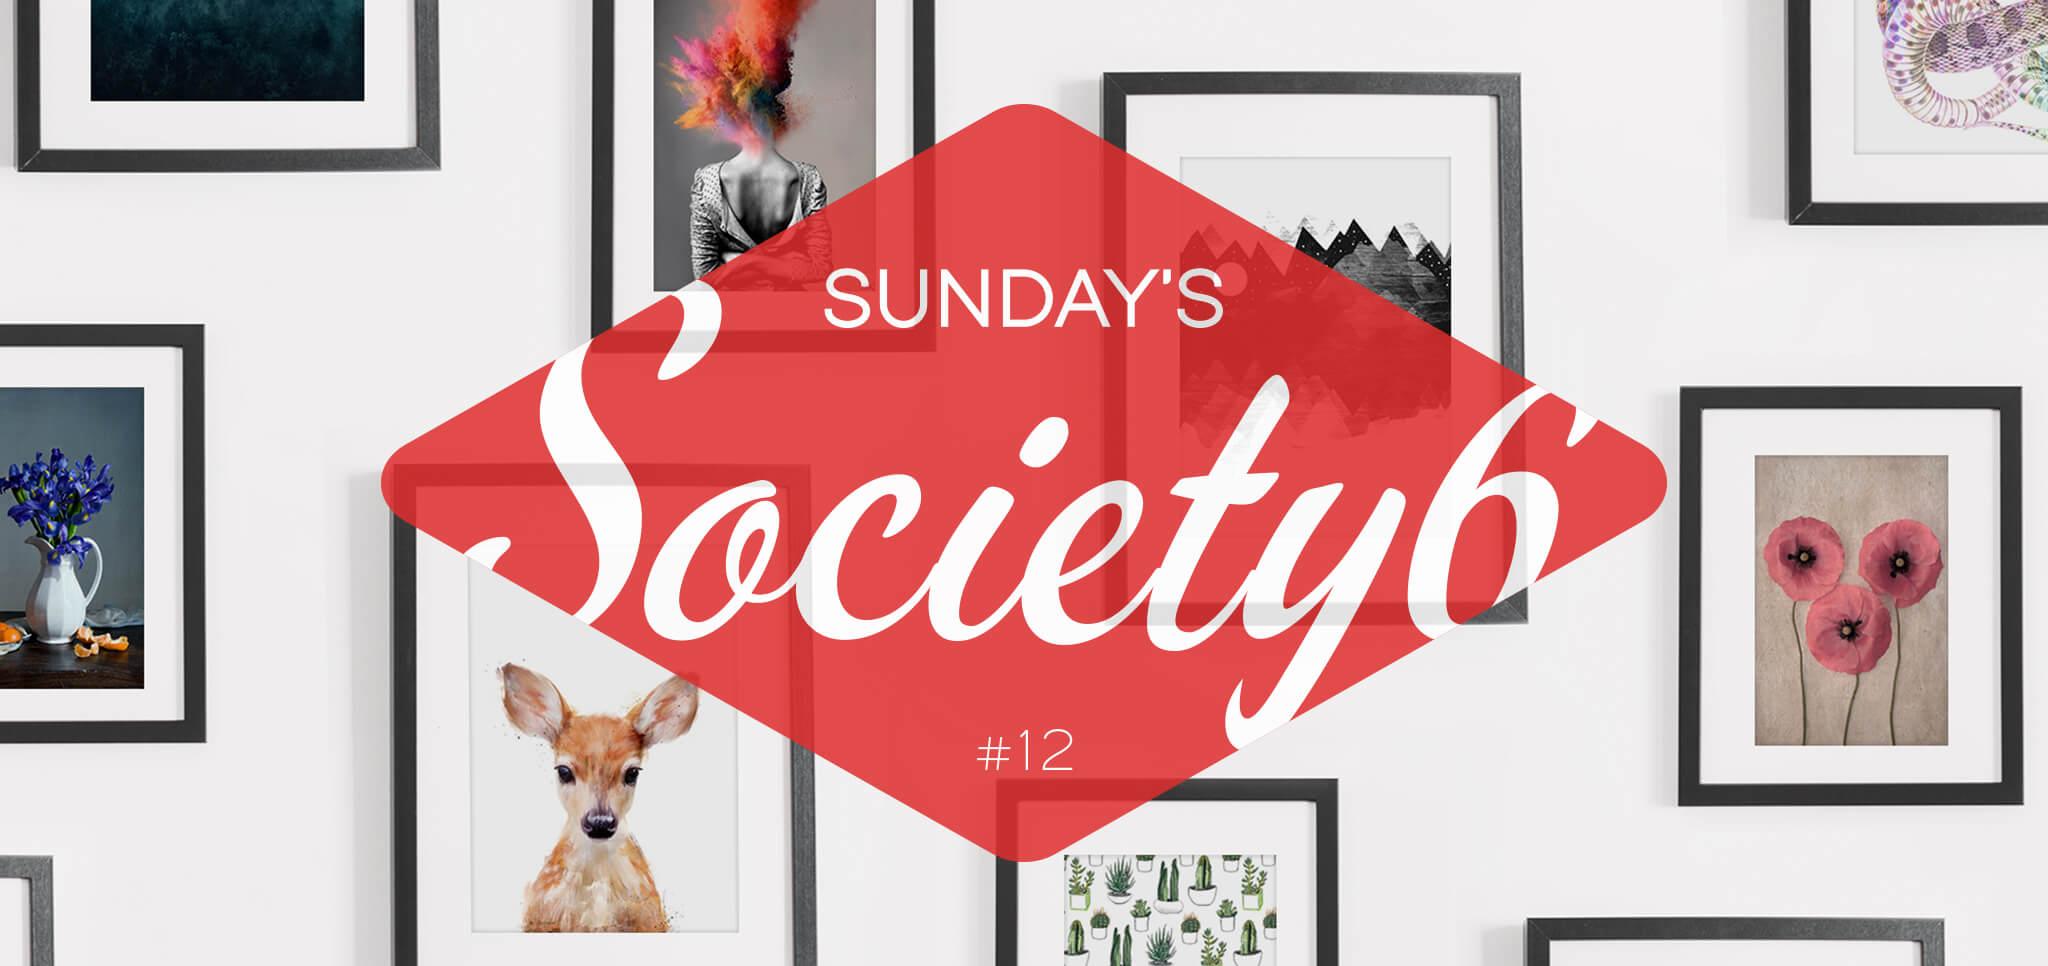 Sunday's Society6 - #12